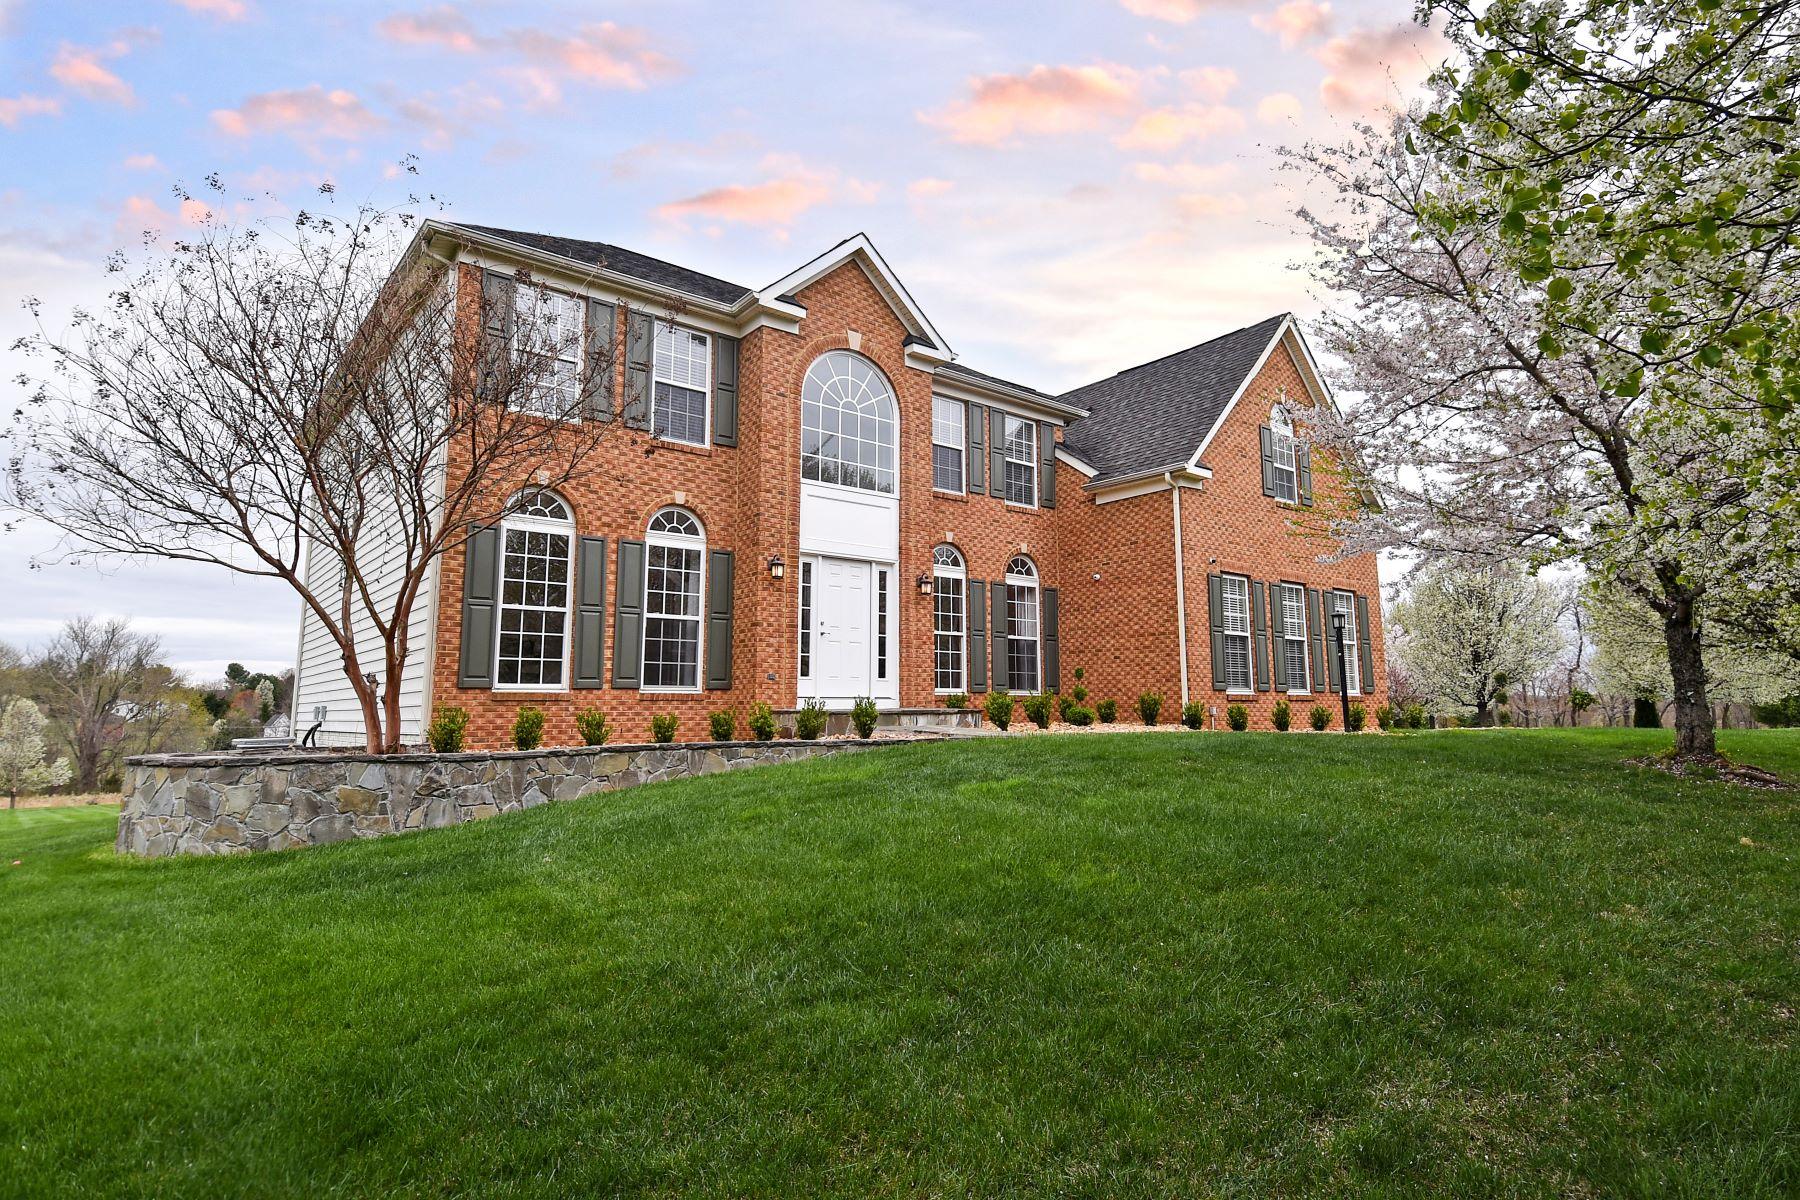 Частный односемейный дом для того Продажа на Twinoaks 17233 Twinaoks Place Hamilton, Виргиния 20154 Соединенные Штаты